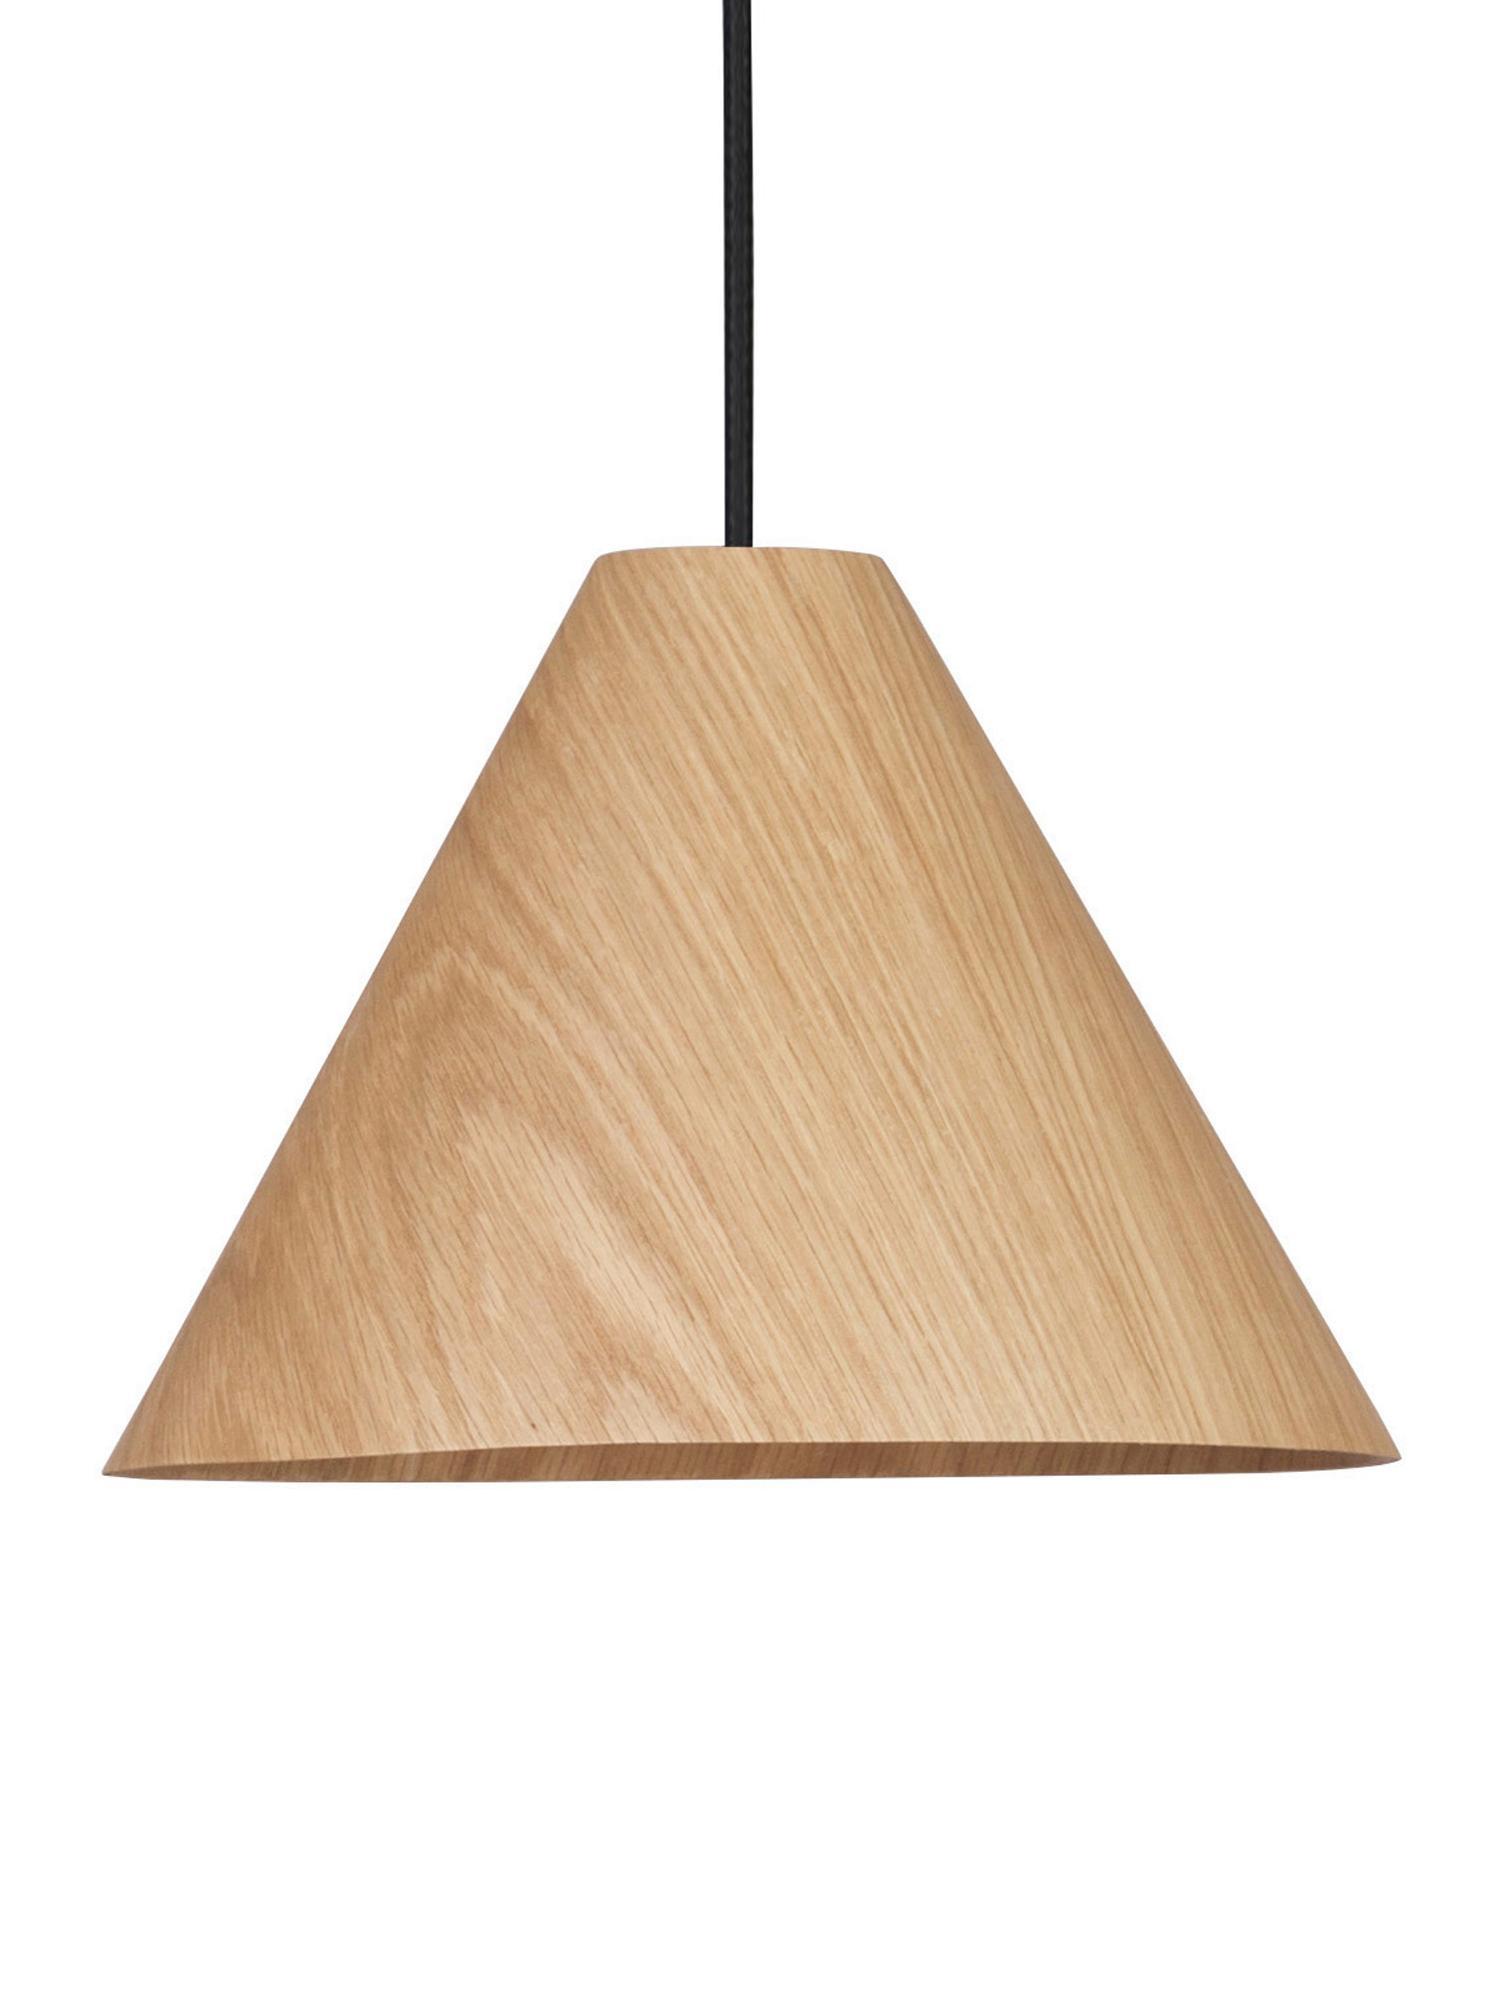 Lámpara de techo de madera Wera, Pantalla: madera, Cable: plástico, Madera, negro, Ø 25 x Al 130 cm